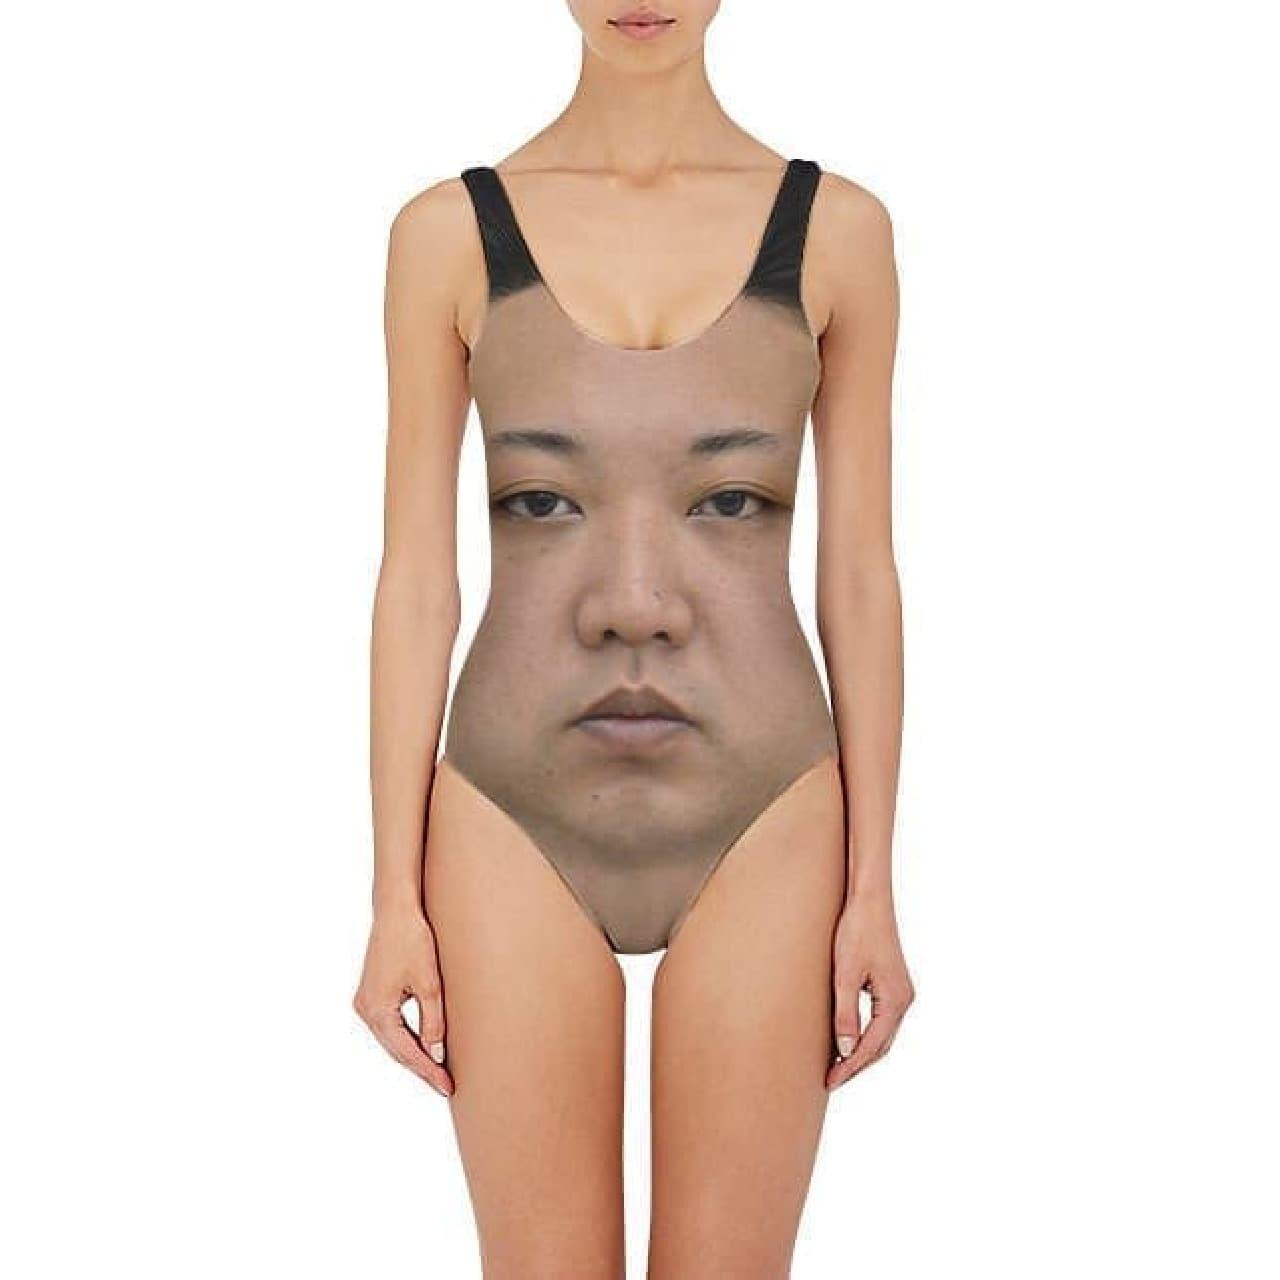 金正恩氏がデザインされた水着「KIM JONG UN ONE PIECE SWIMSUIT」